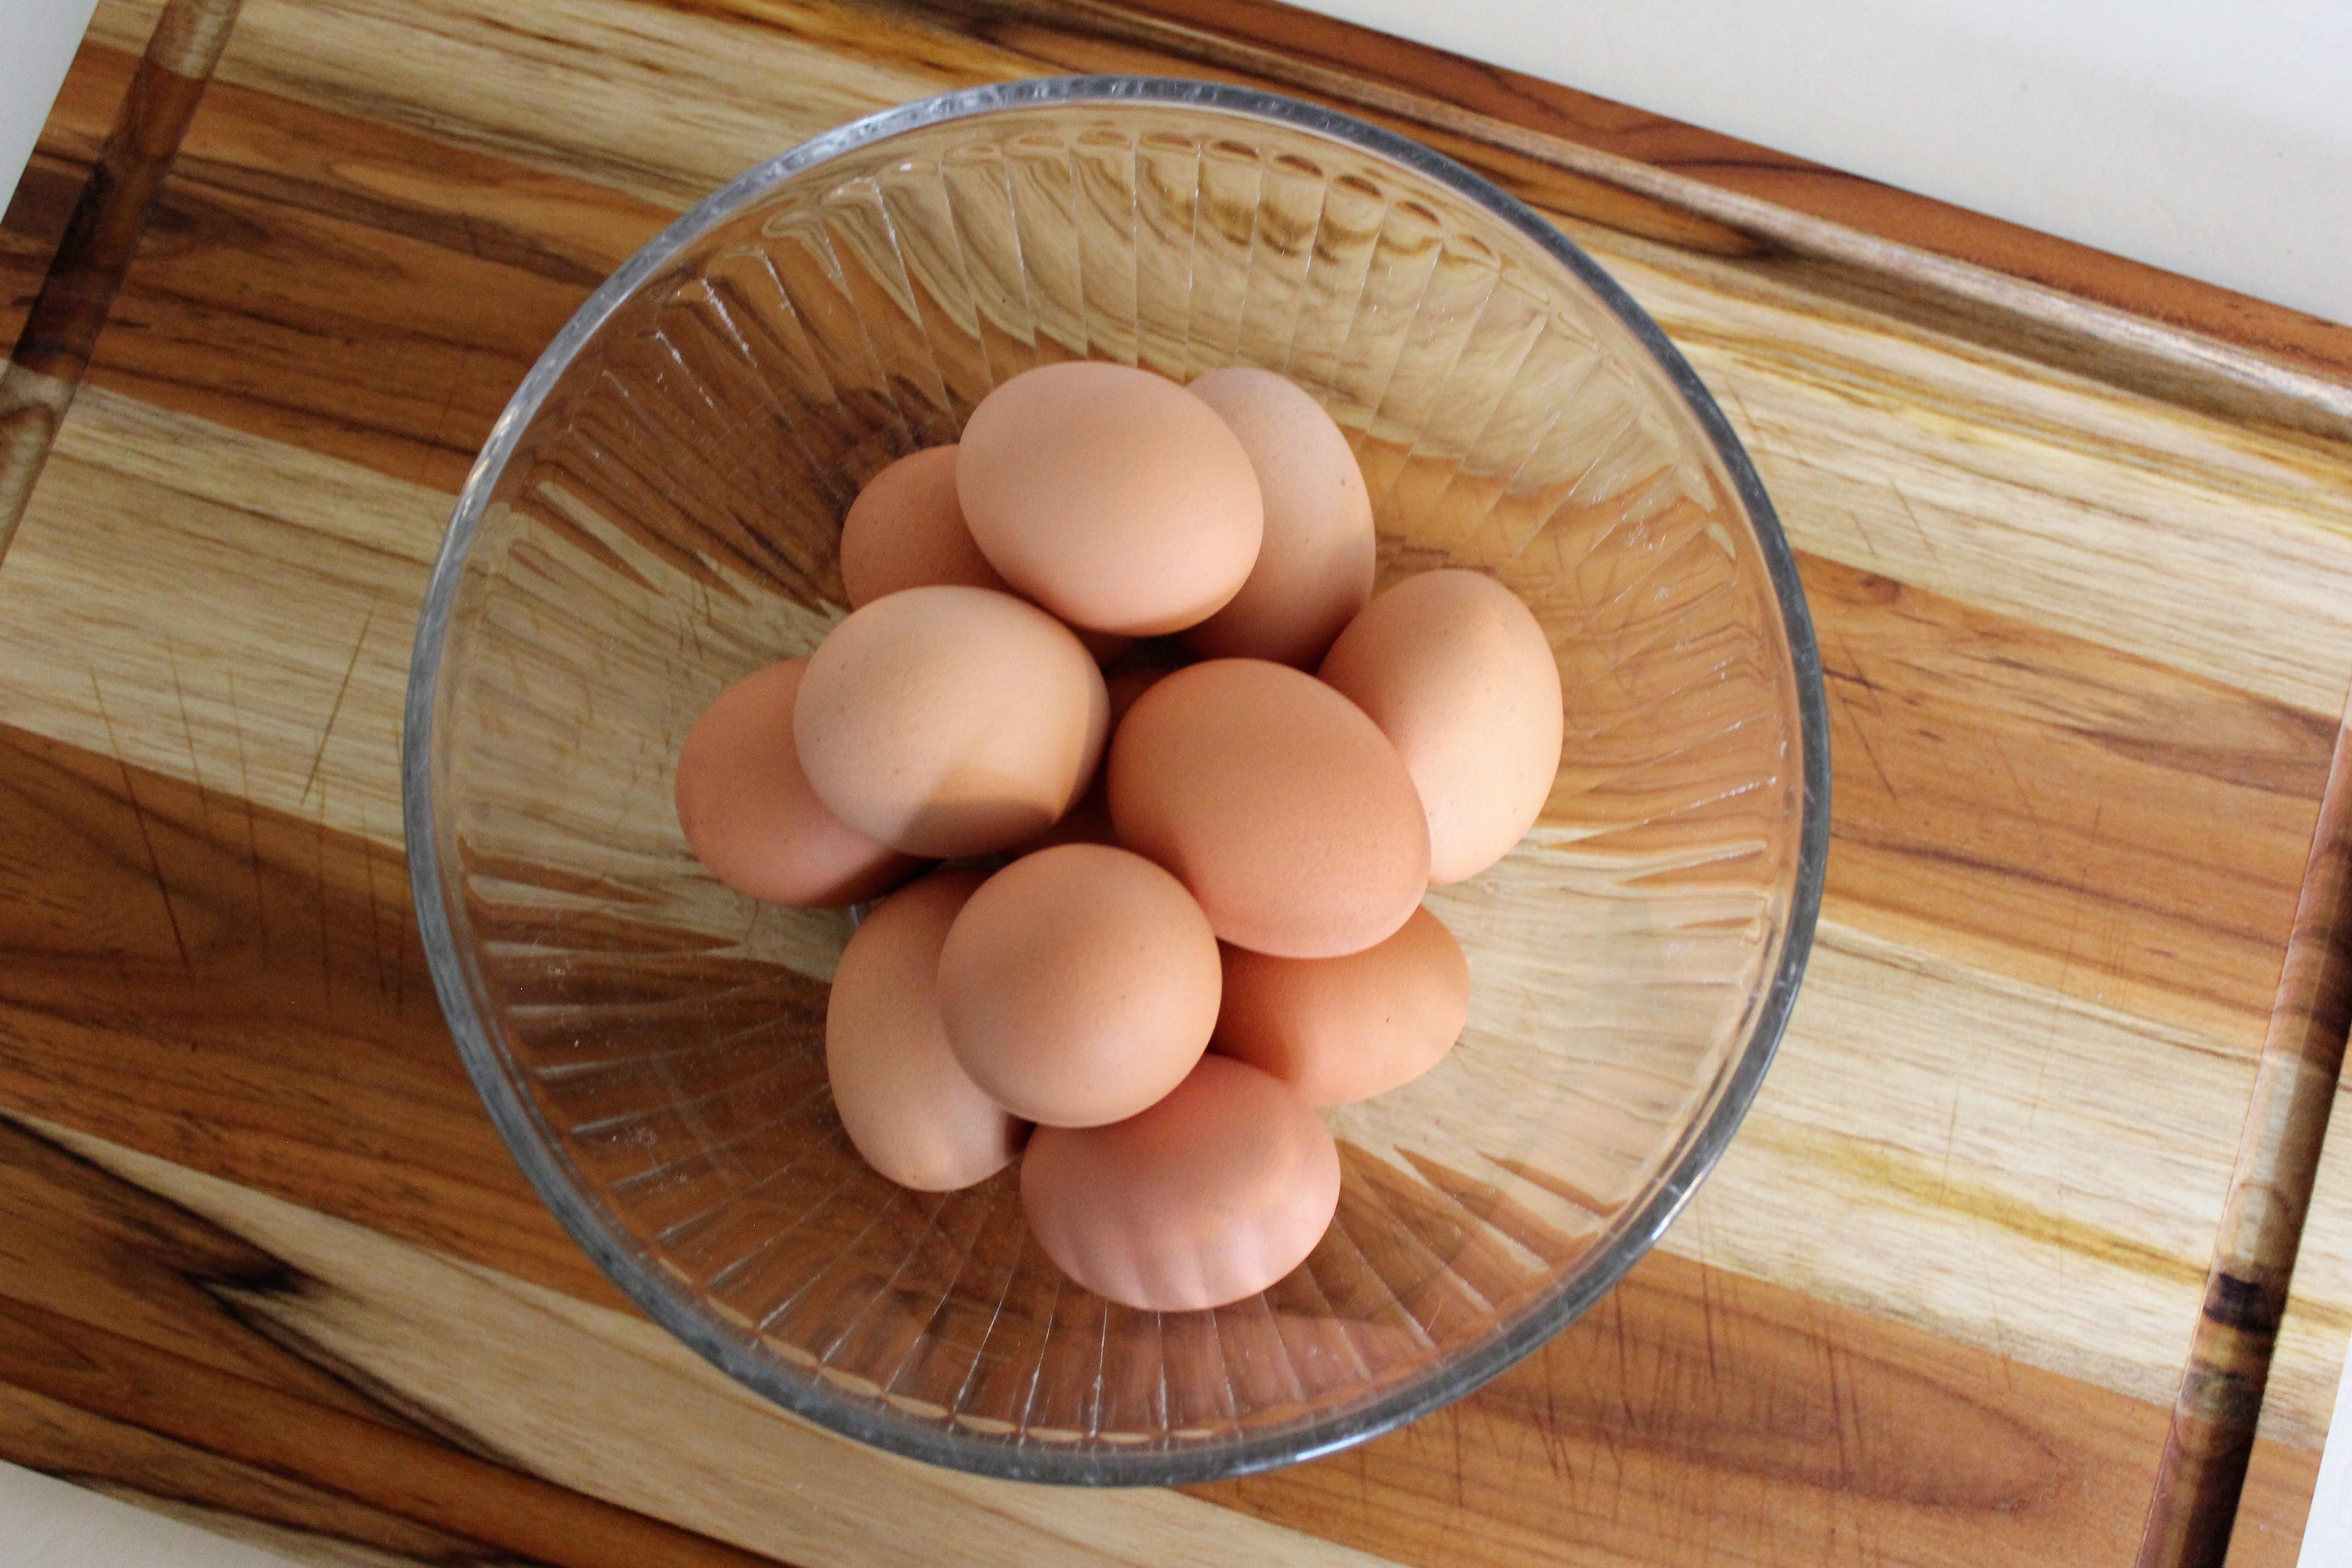 3 Dozen Fall Egg Share